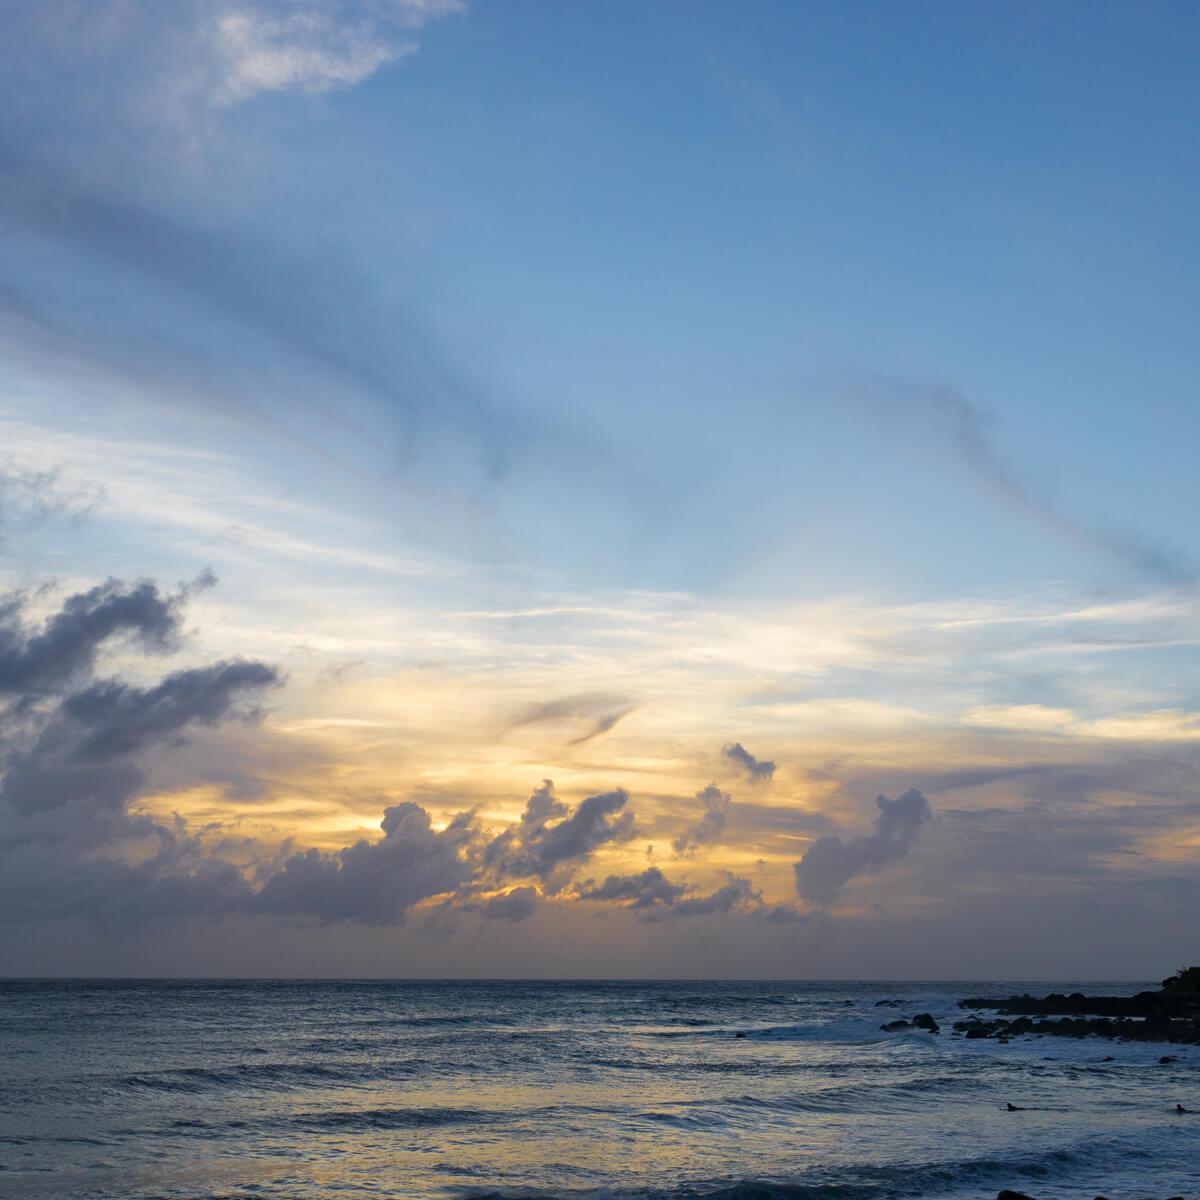 屋久島の海、空 夕暮れ時 オーダーメイドマリッジリングのモチーフ 屋久島でつくる結婚指輪